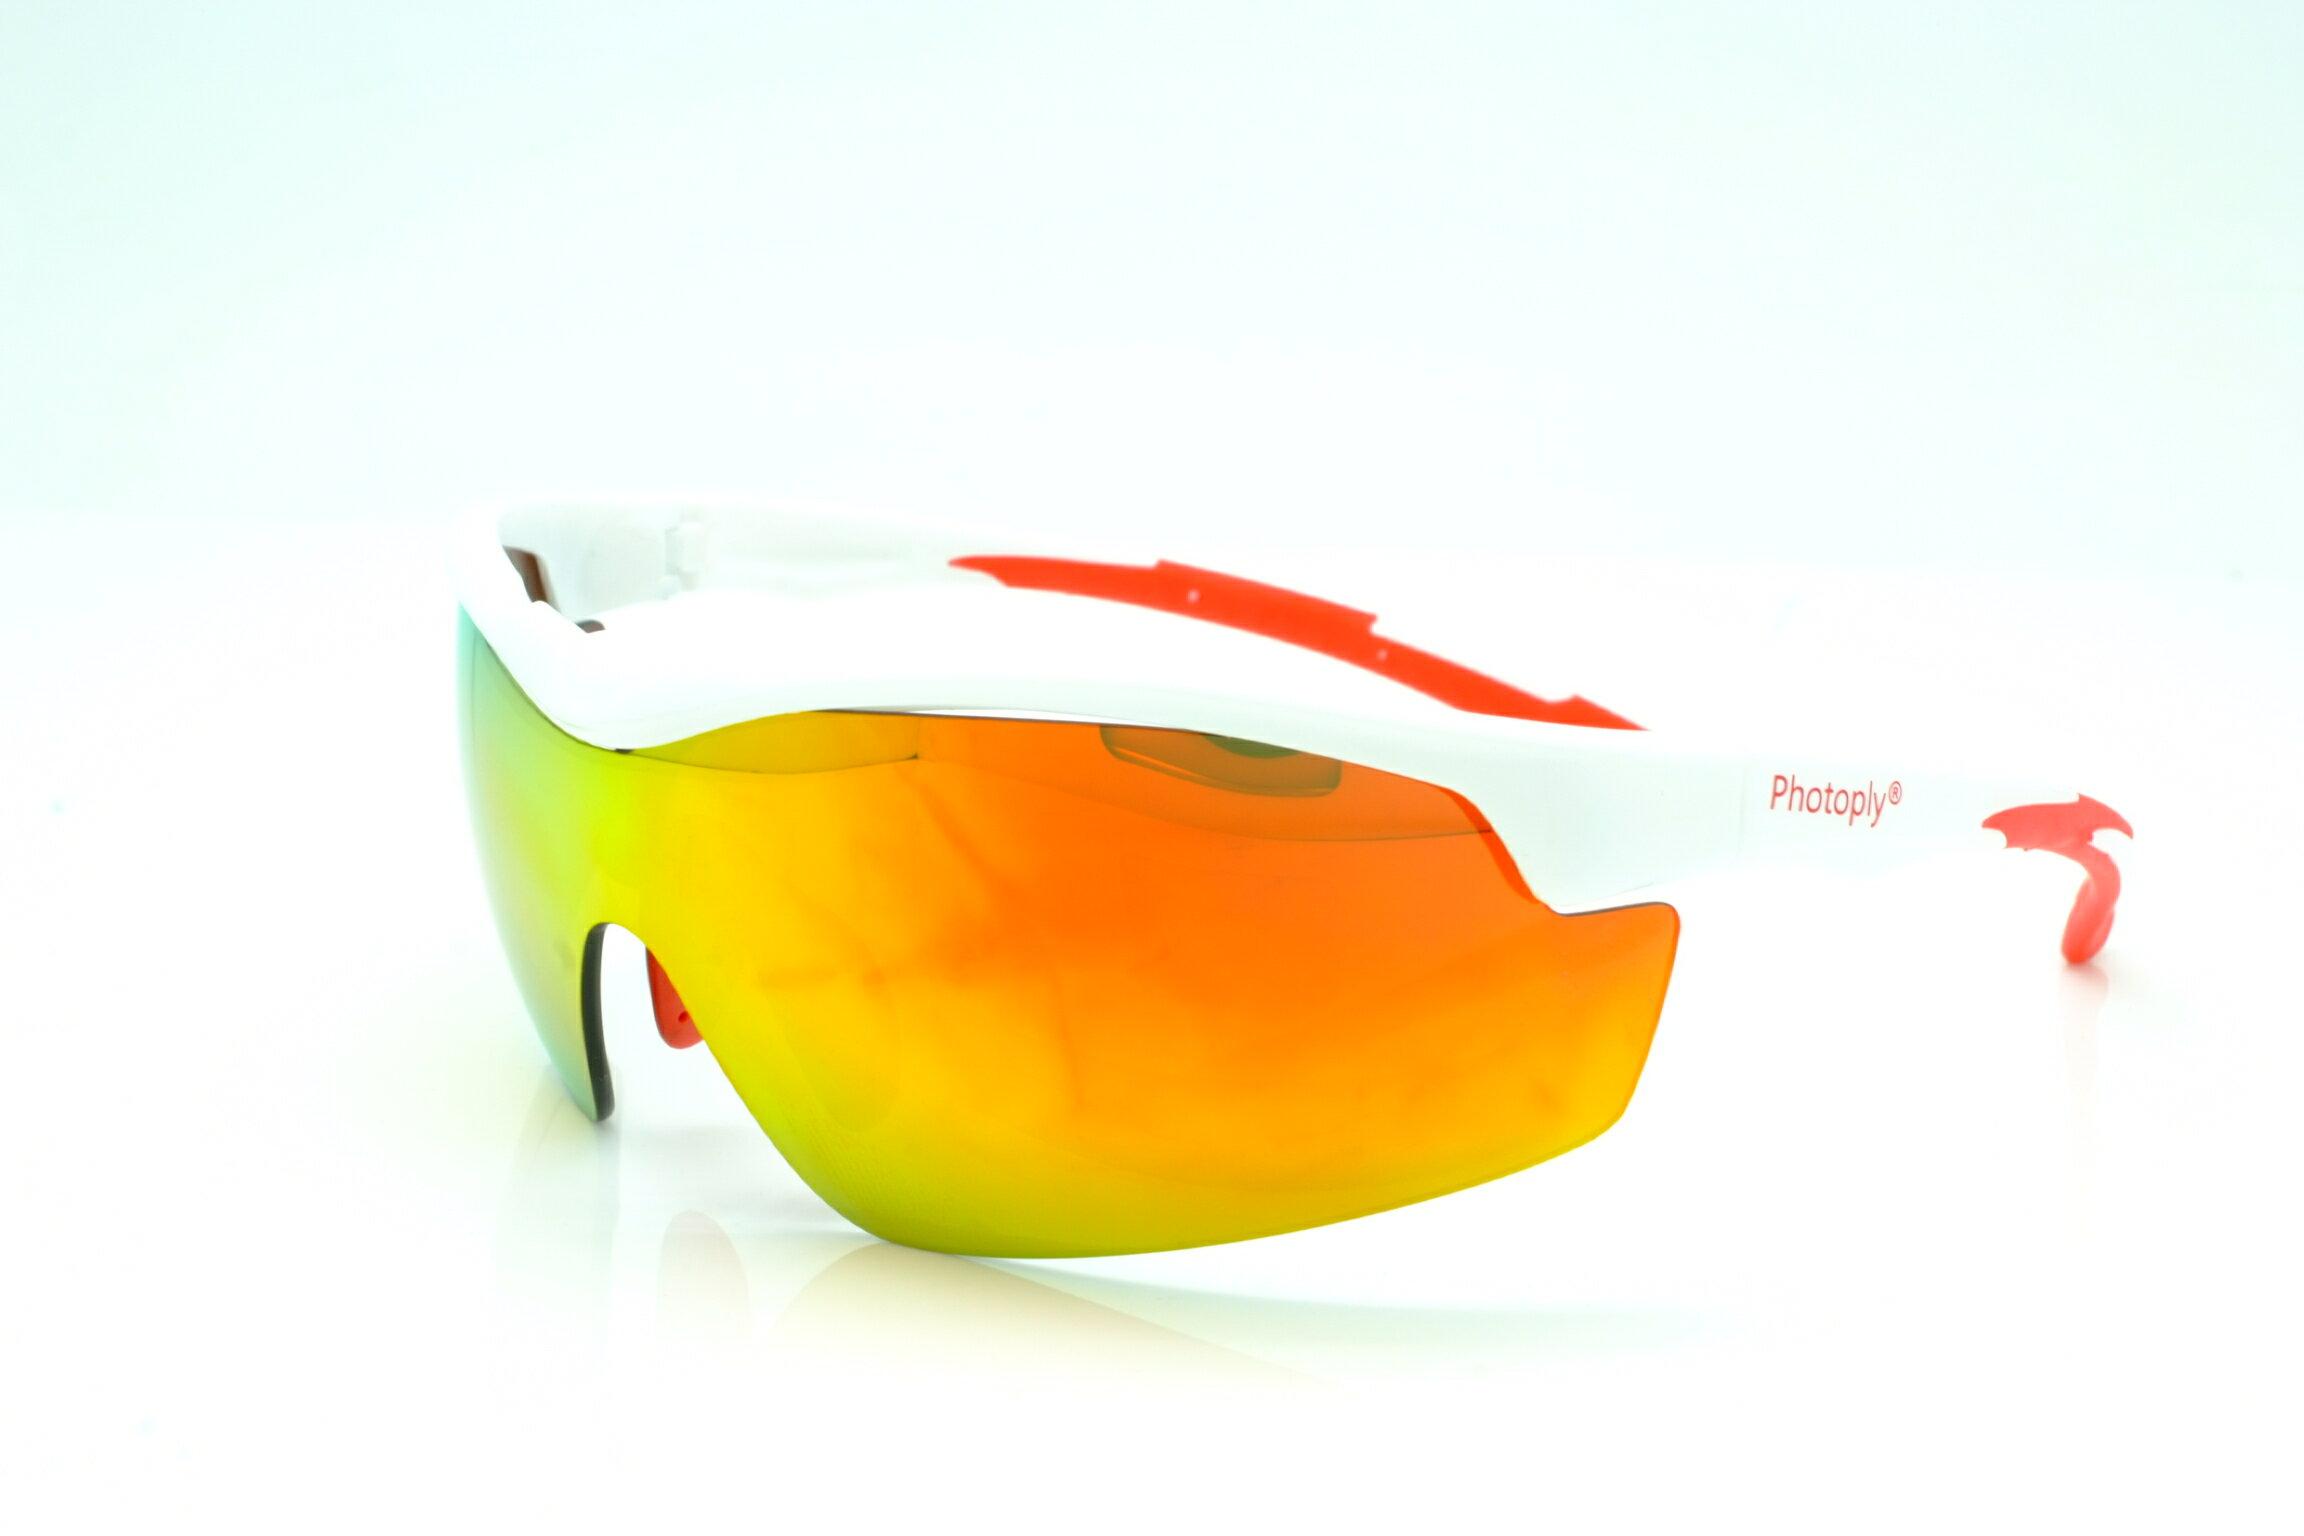 又敗家@台灣制造PHOTOPLY運動太陽眼鏡Wind(白色鏡框+防紅外線鏡片UV紫外光鏡片)合乎亞州人臉型貼身眼鏡太空防爆眼鏡防風眼鏡適開車單車慢跑步馬拉松外務